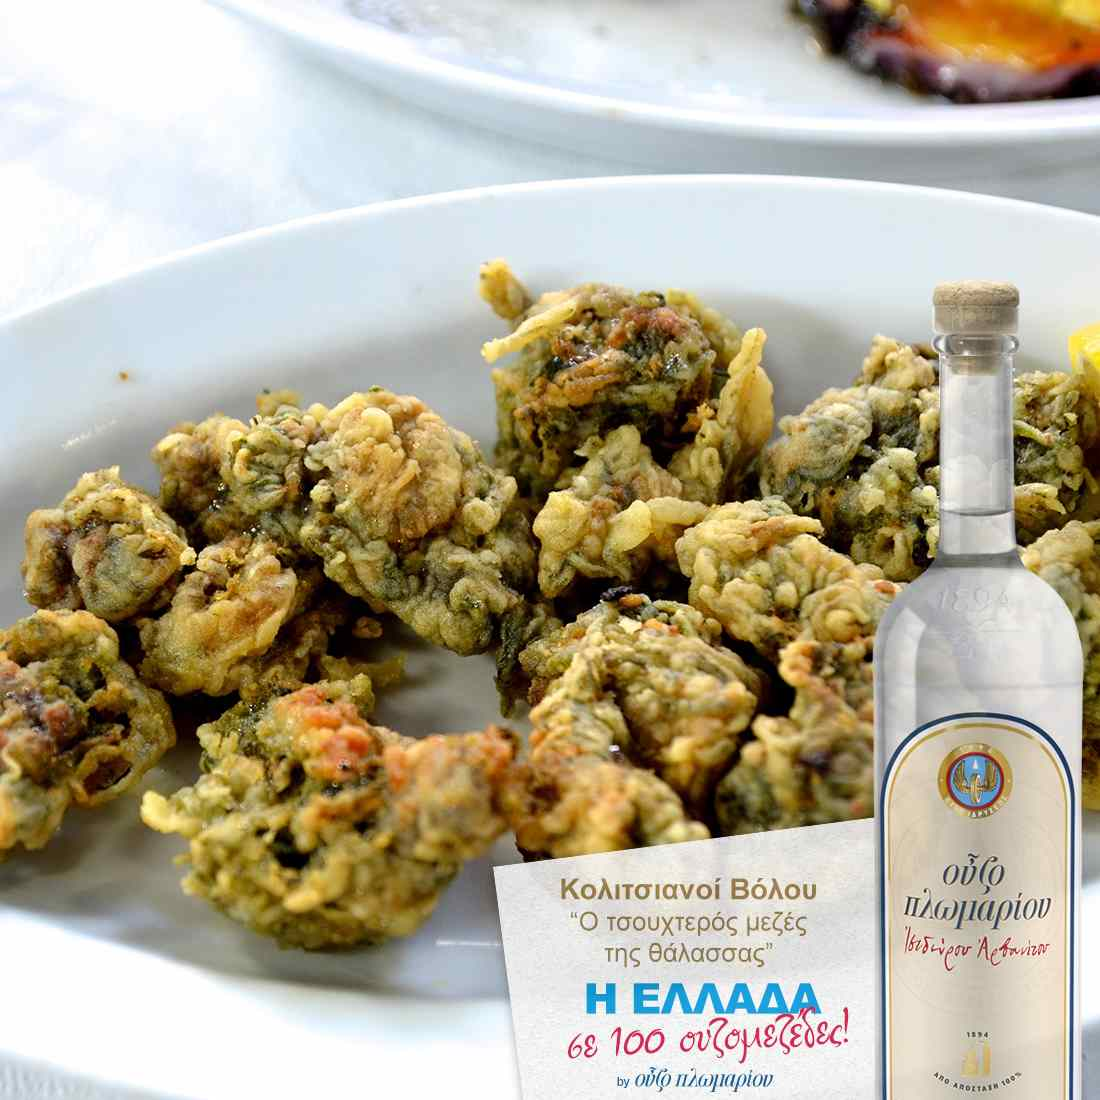 Κολιτσιάνοι Βόλου - Ουζομεζέδες - Greek Gastronomy Guide